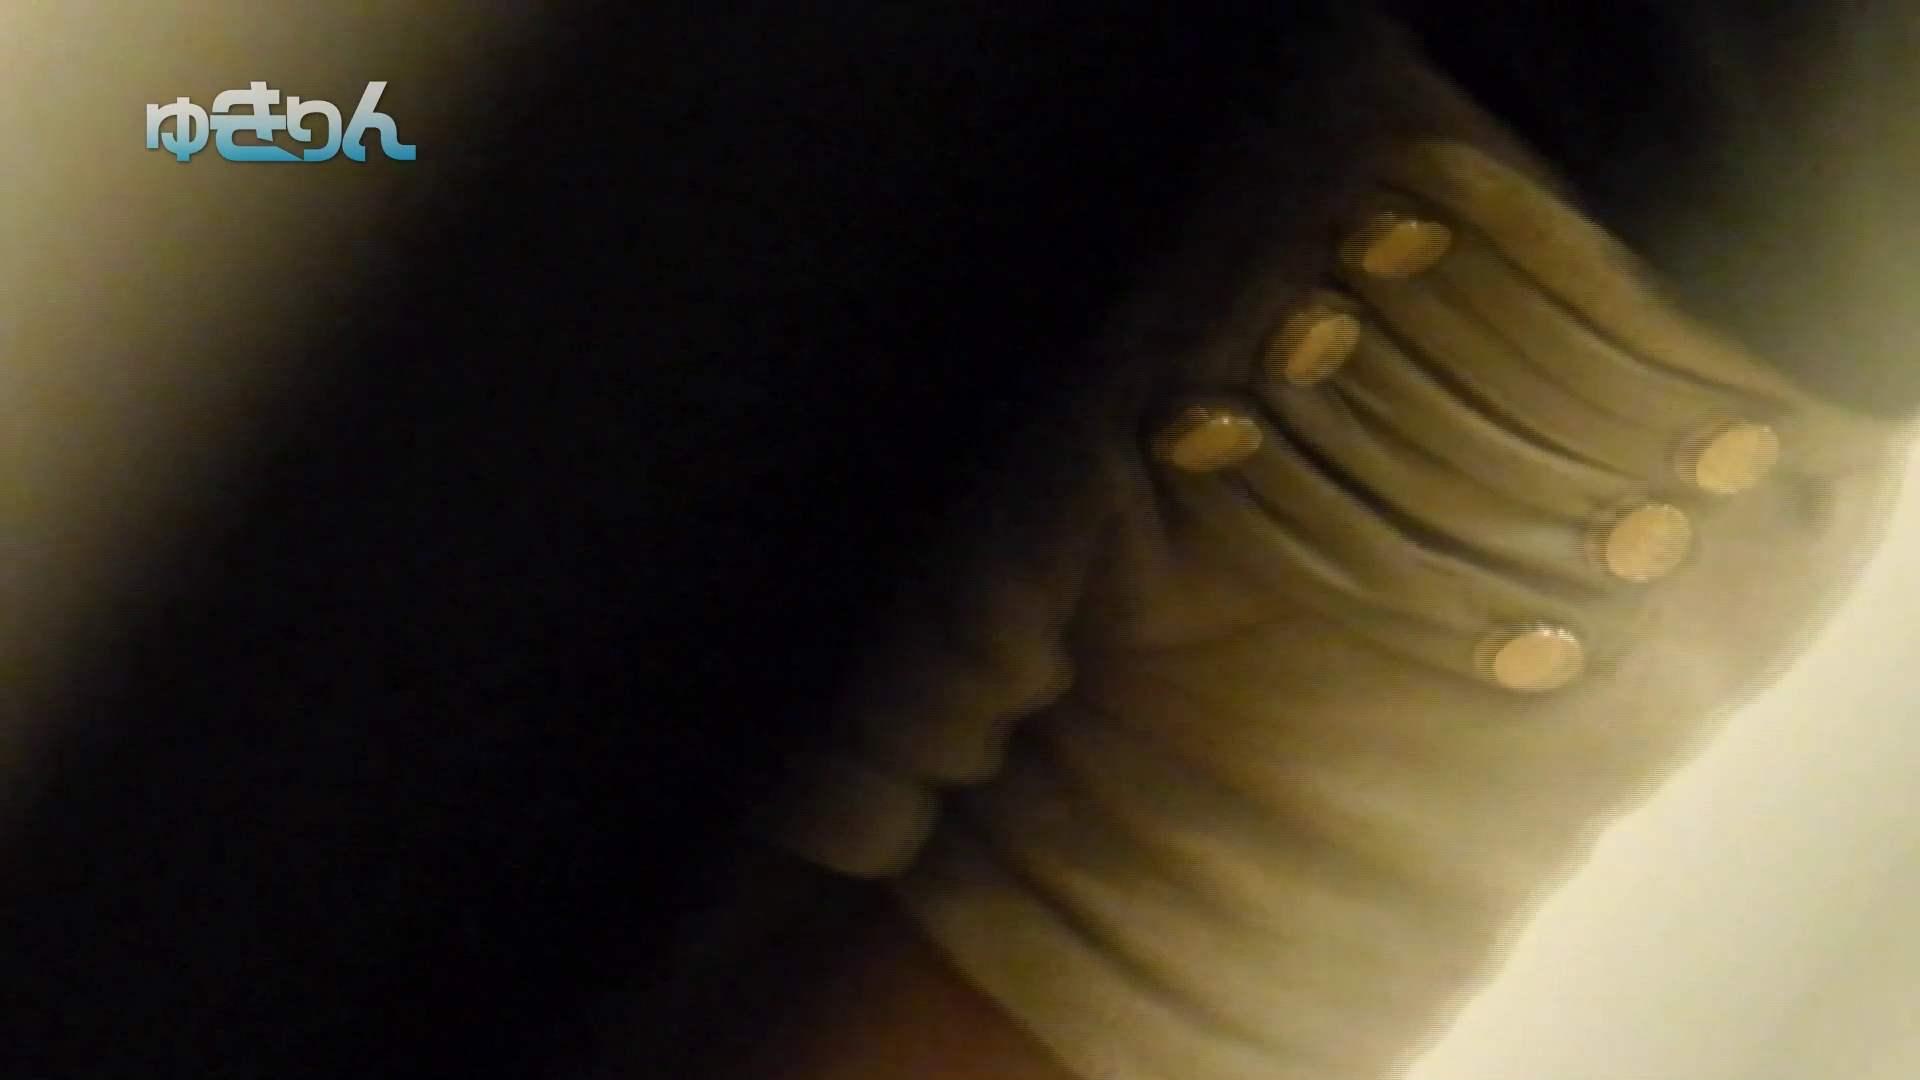 新世界の射窓 無料お試し動画02 丸見え オマンコ無修正動画無料 89画像 9